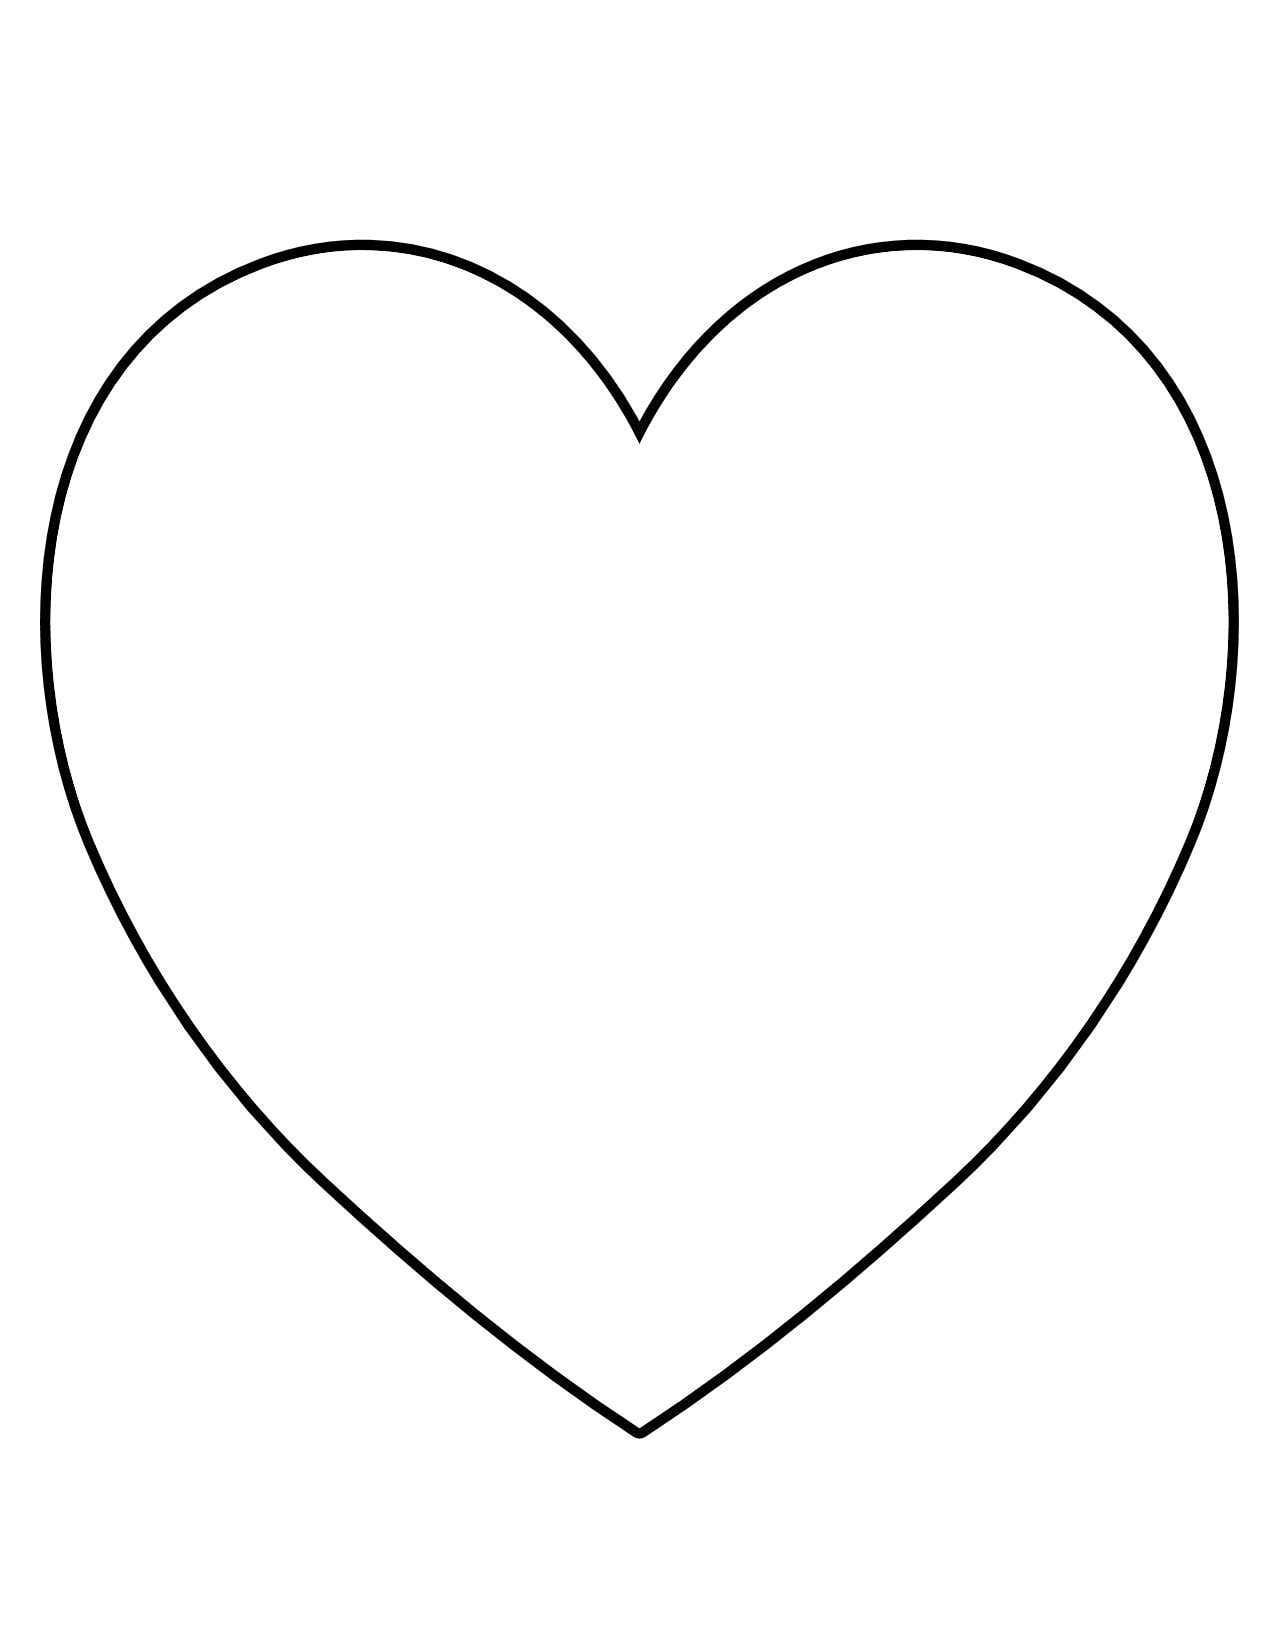 Blank Heart Shape